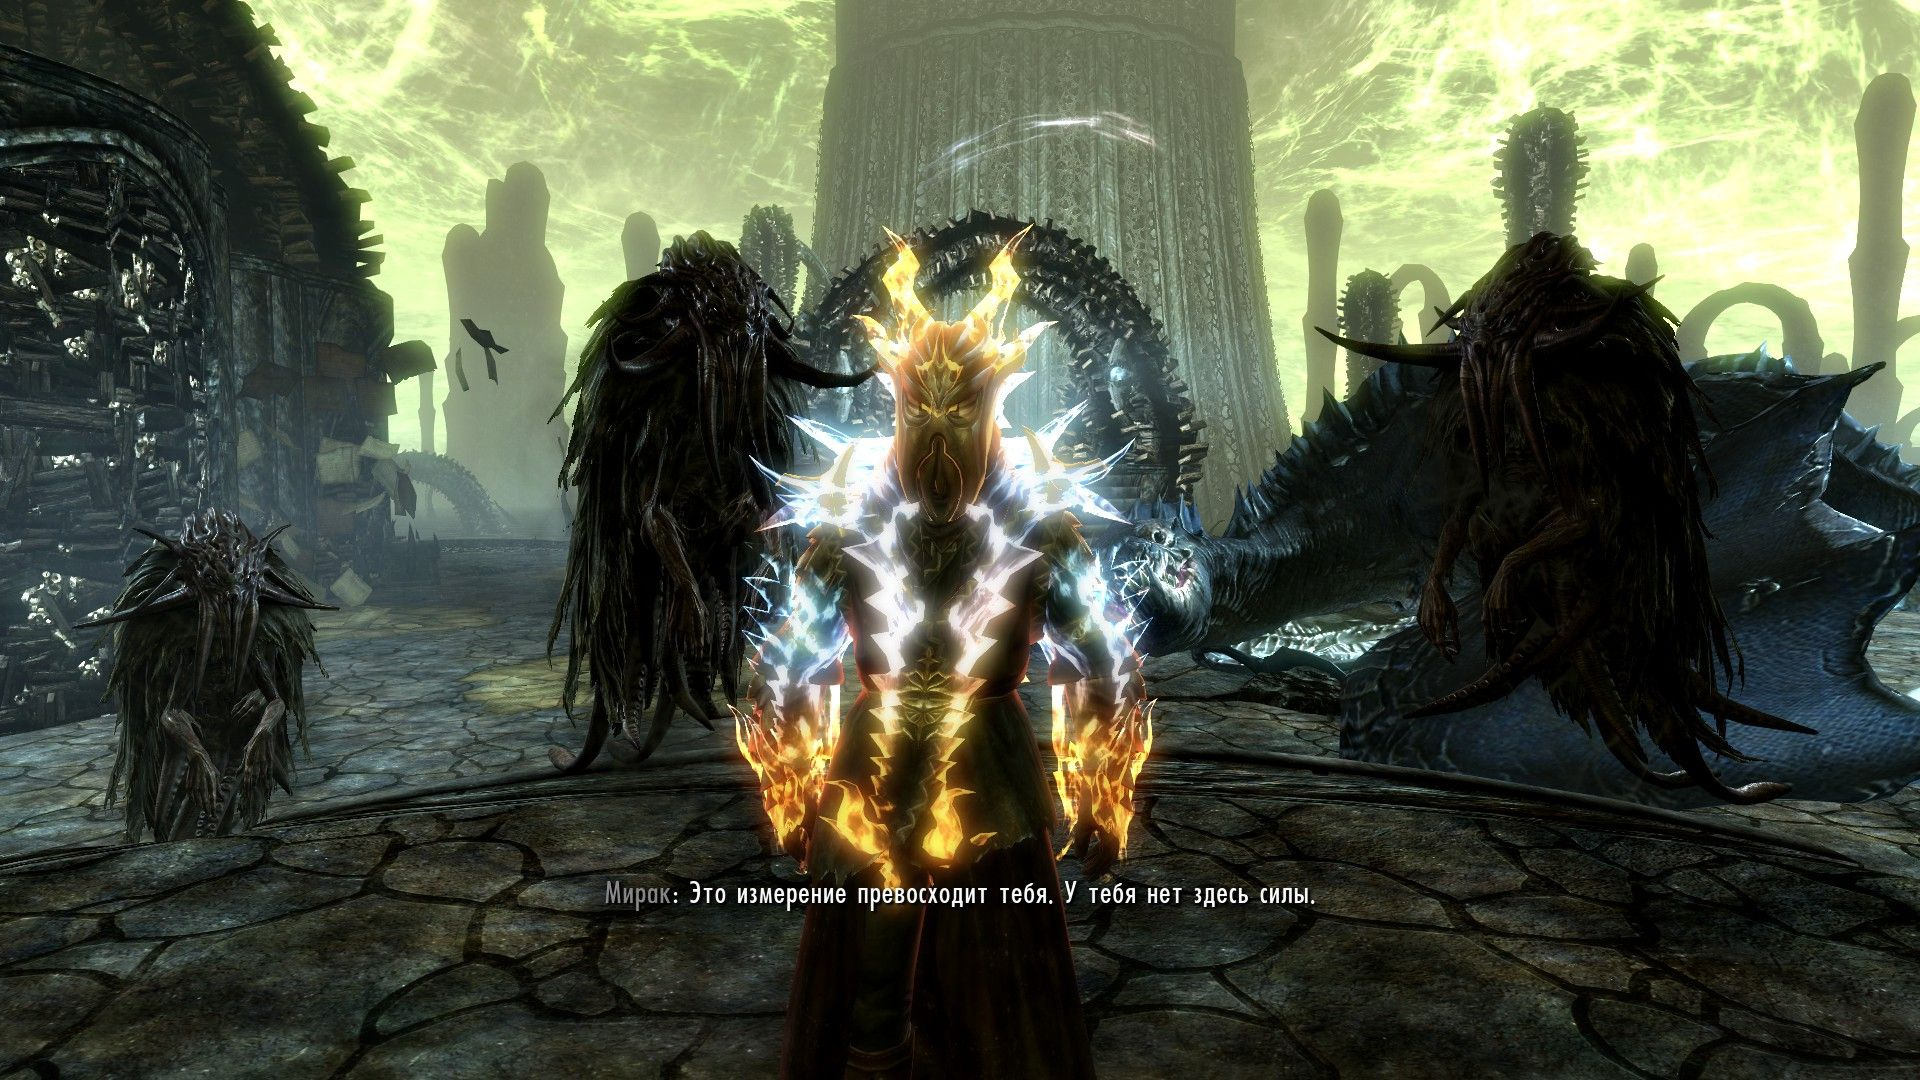 Скачать the elder scrolls v skyrim legendary edition через торрент.